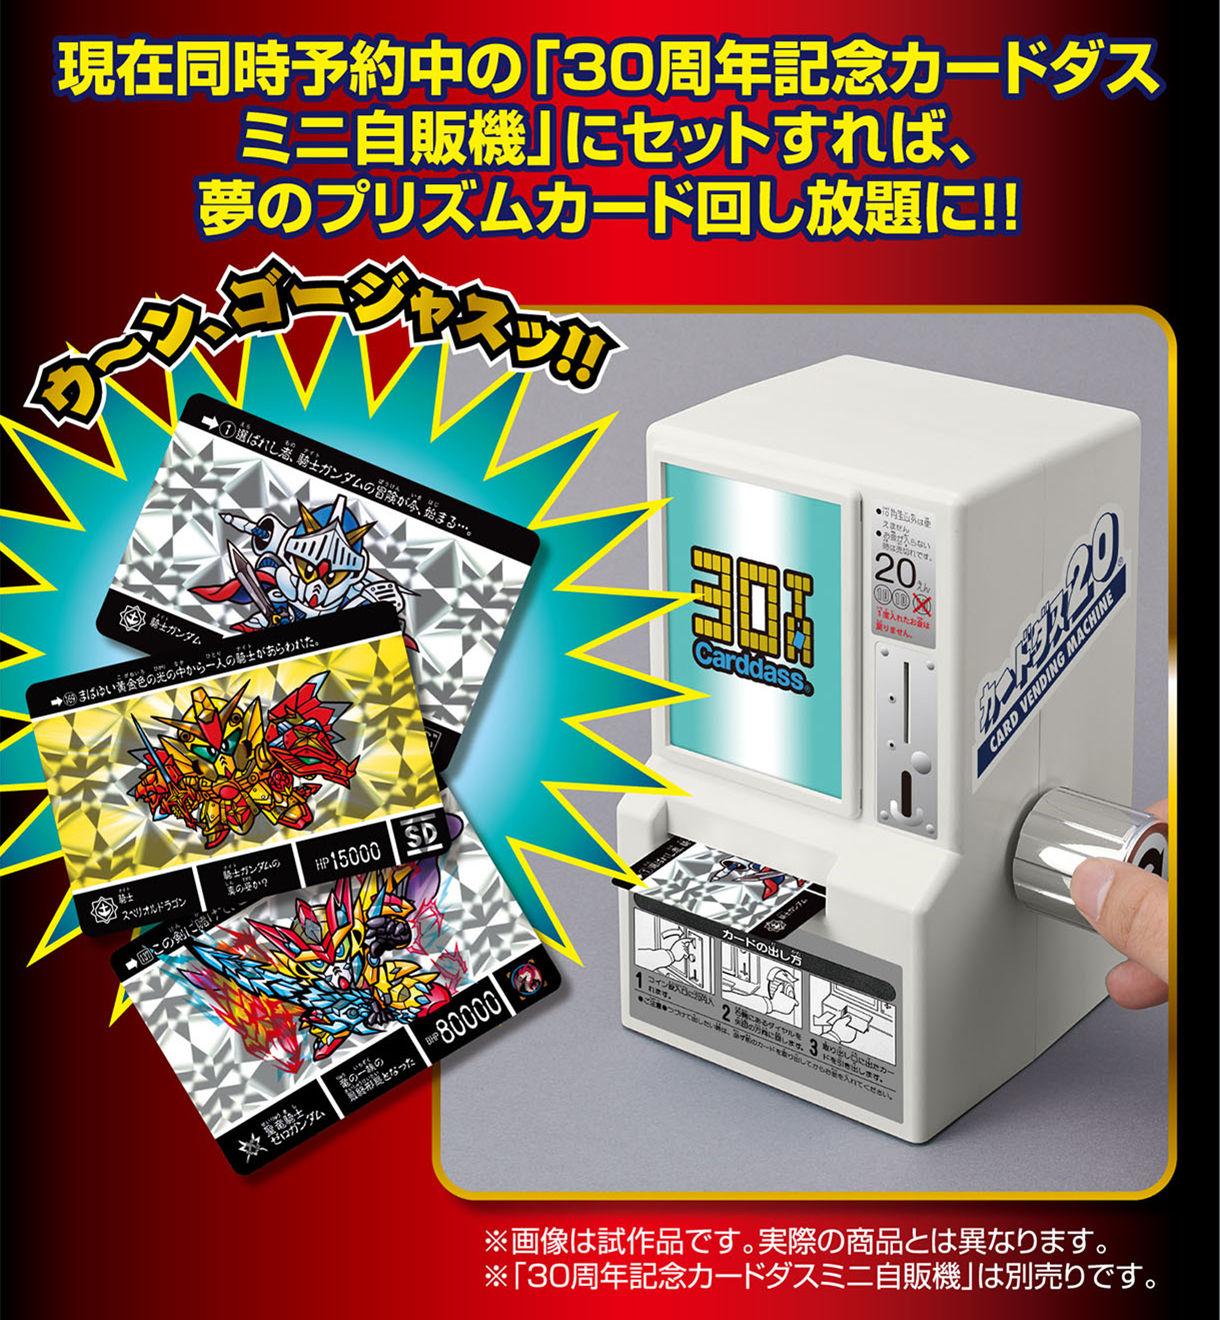 30周年記念カードダスミニ自販機にセットすれば回し放題に!!!